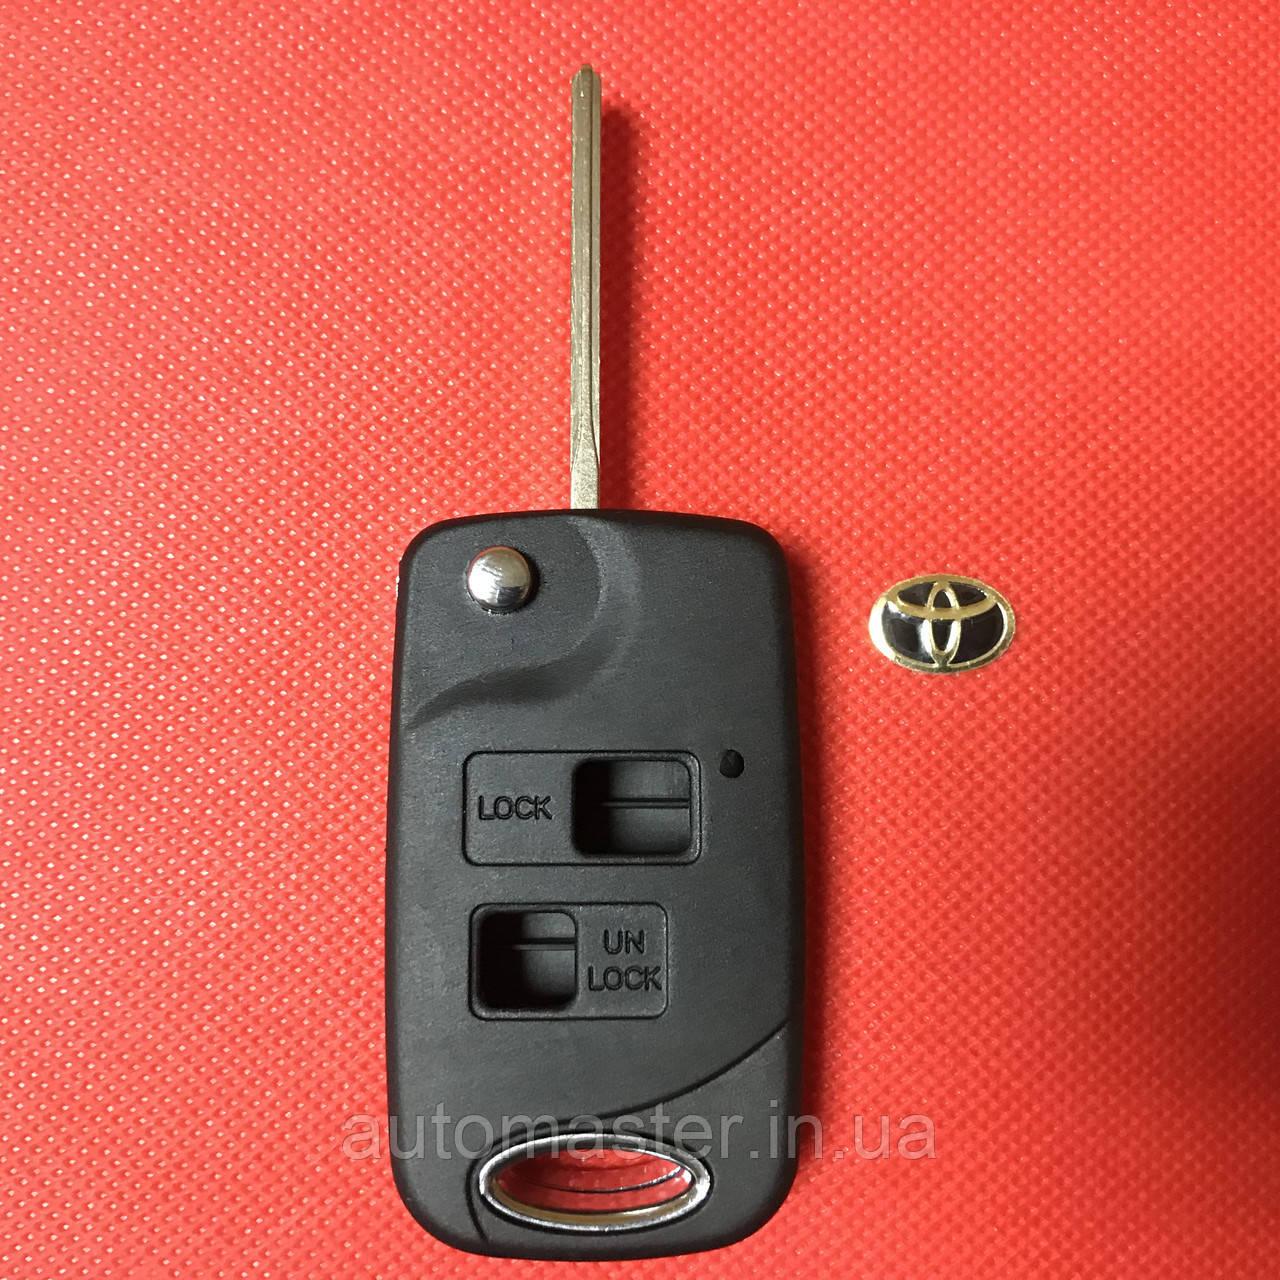 Корпус выкидного ключа для Toyota (Тойота) 2 кнопки TOY40 для переделки